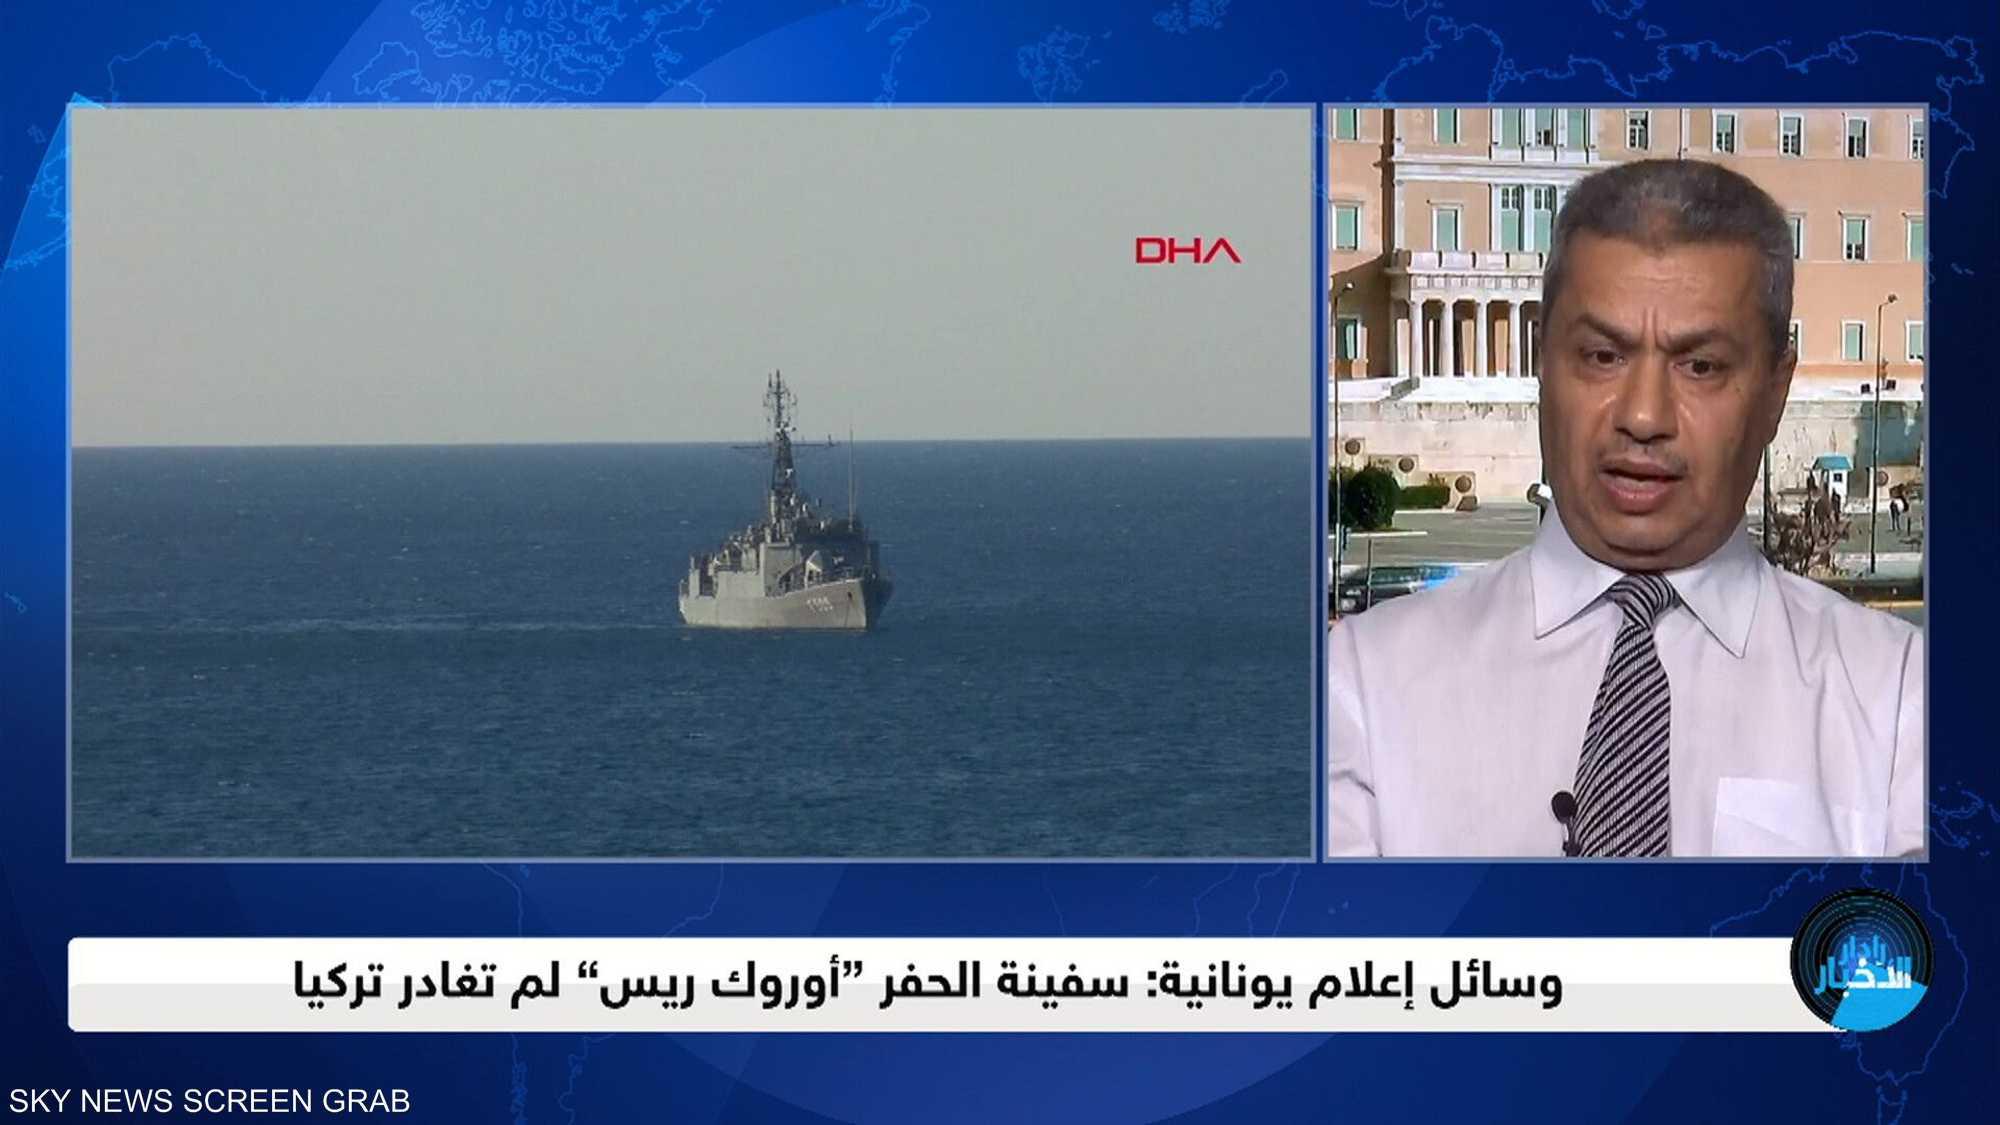 وسائل إعلام يونانية: تركيا سحبت سفنا حربية من منطقة قرب قبرص